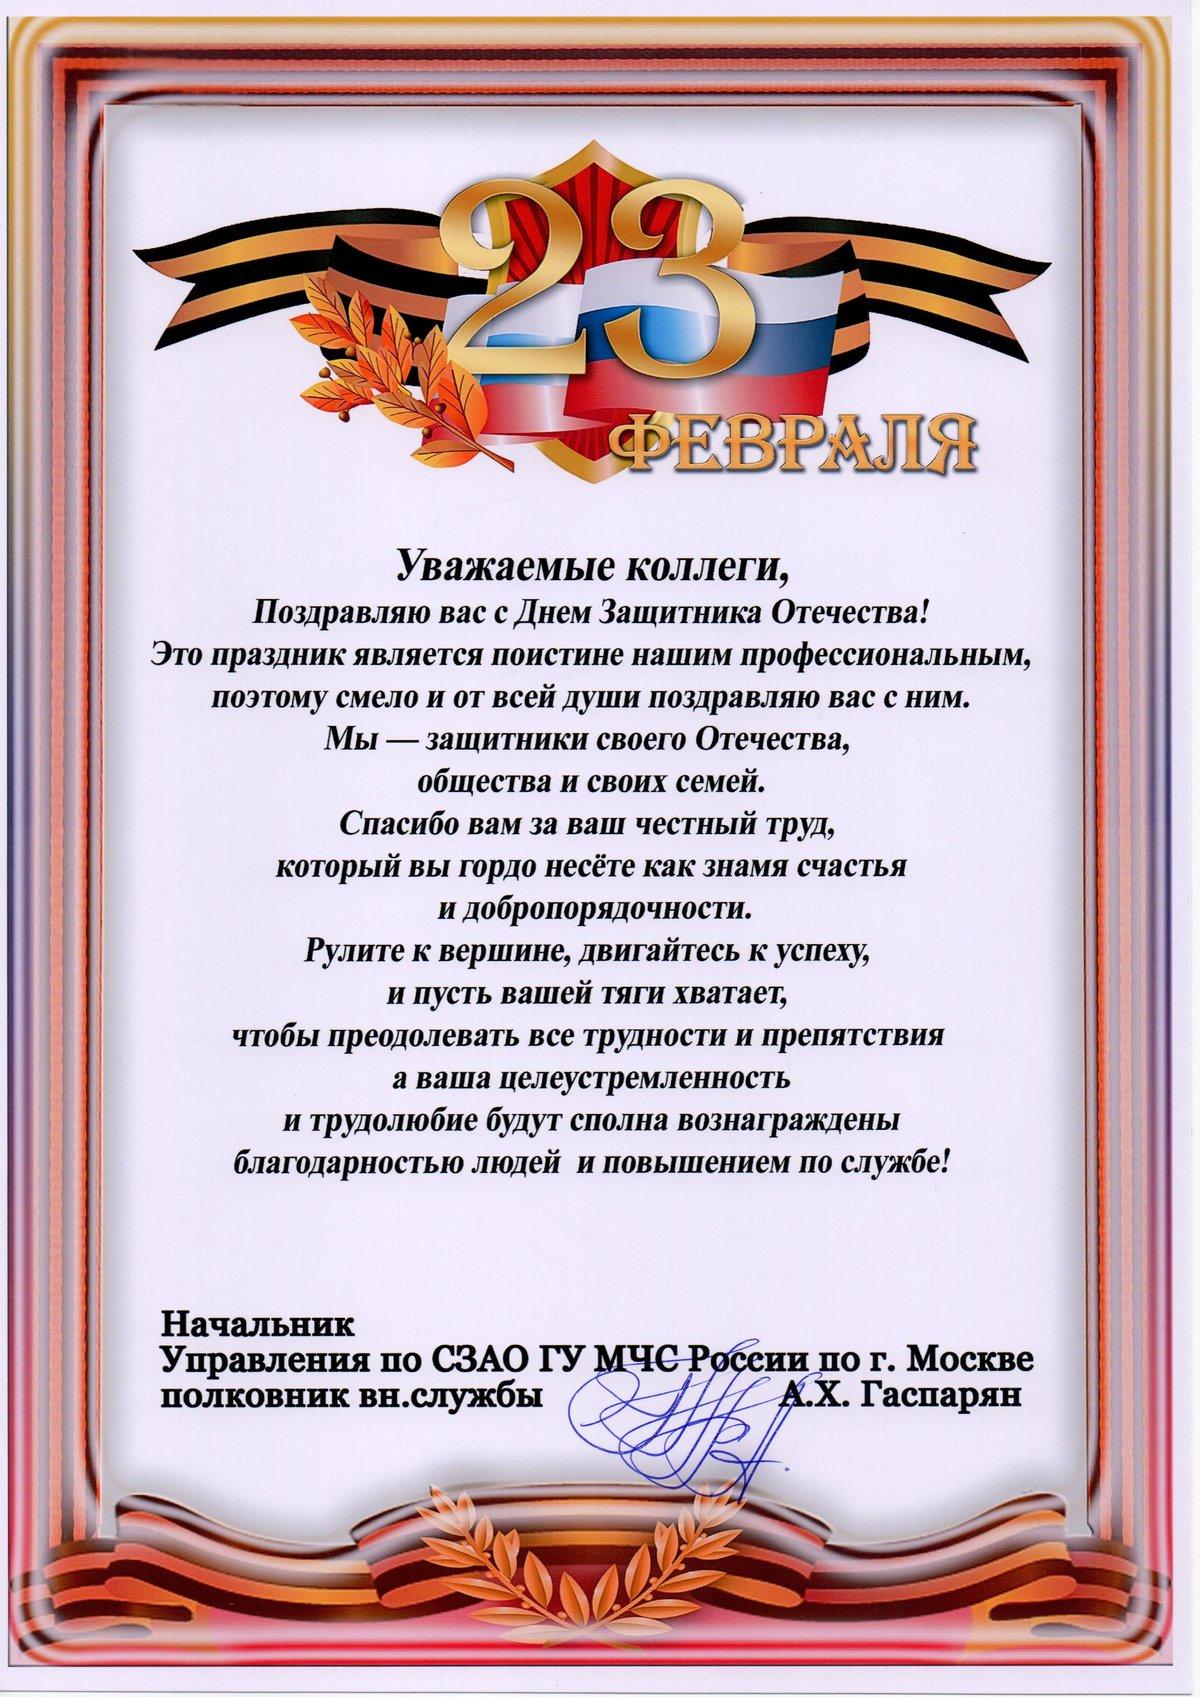 Стихи на 23 февраля сотрудникам мчс